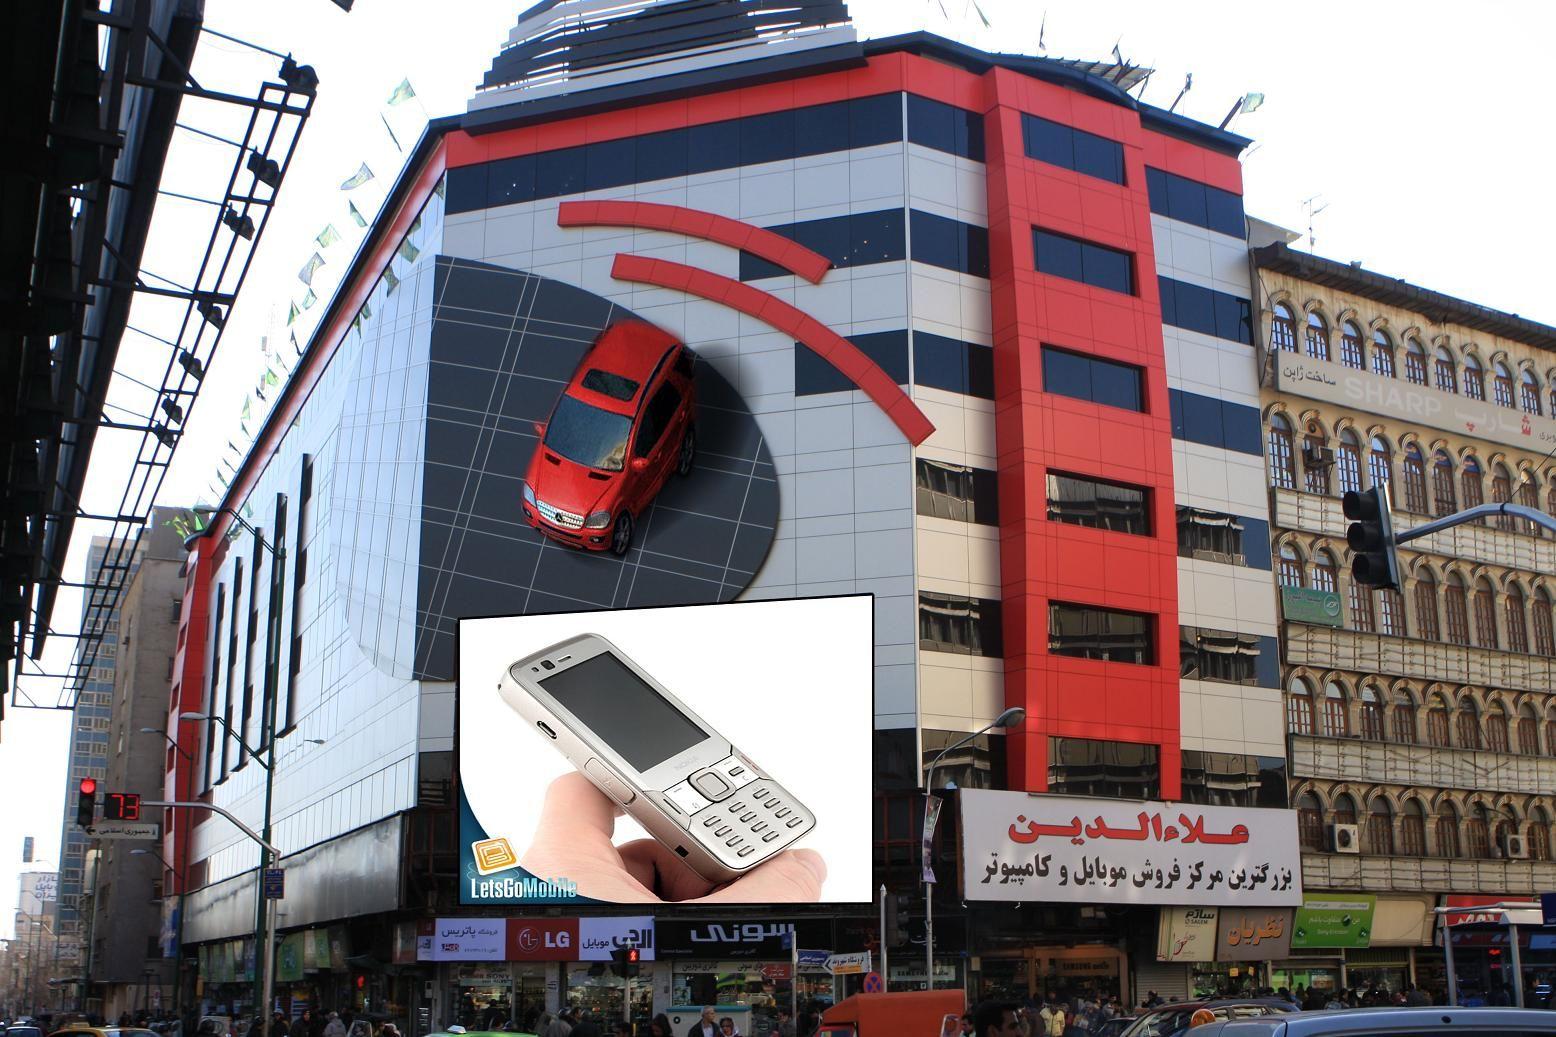 حقایق اقتصادی علاءالدین